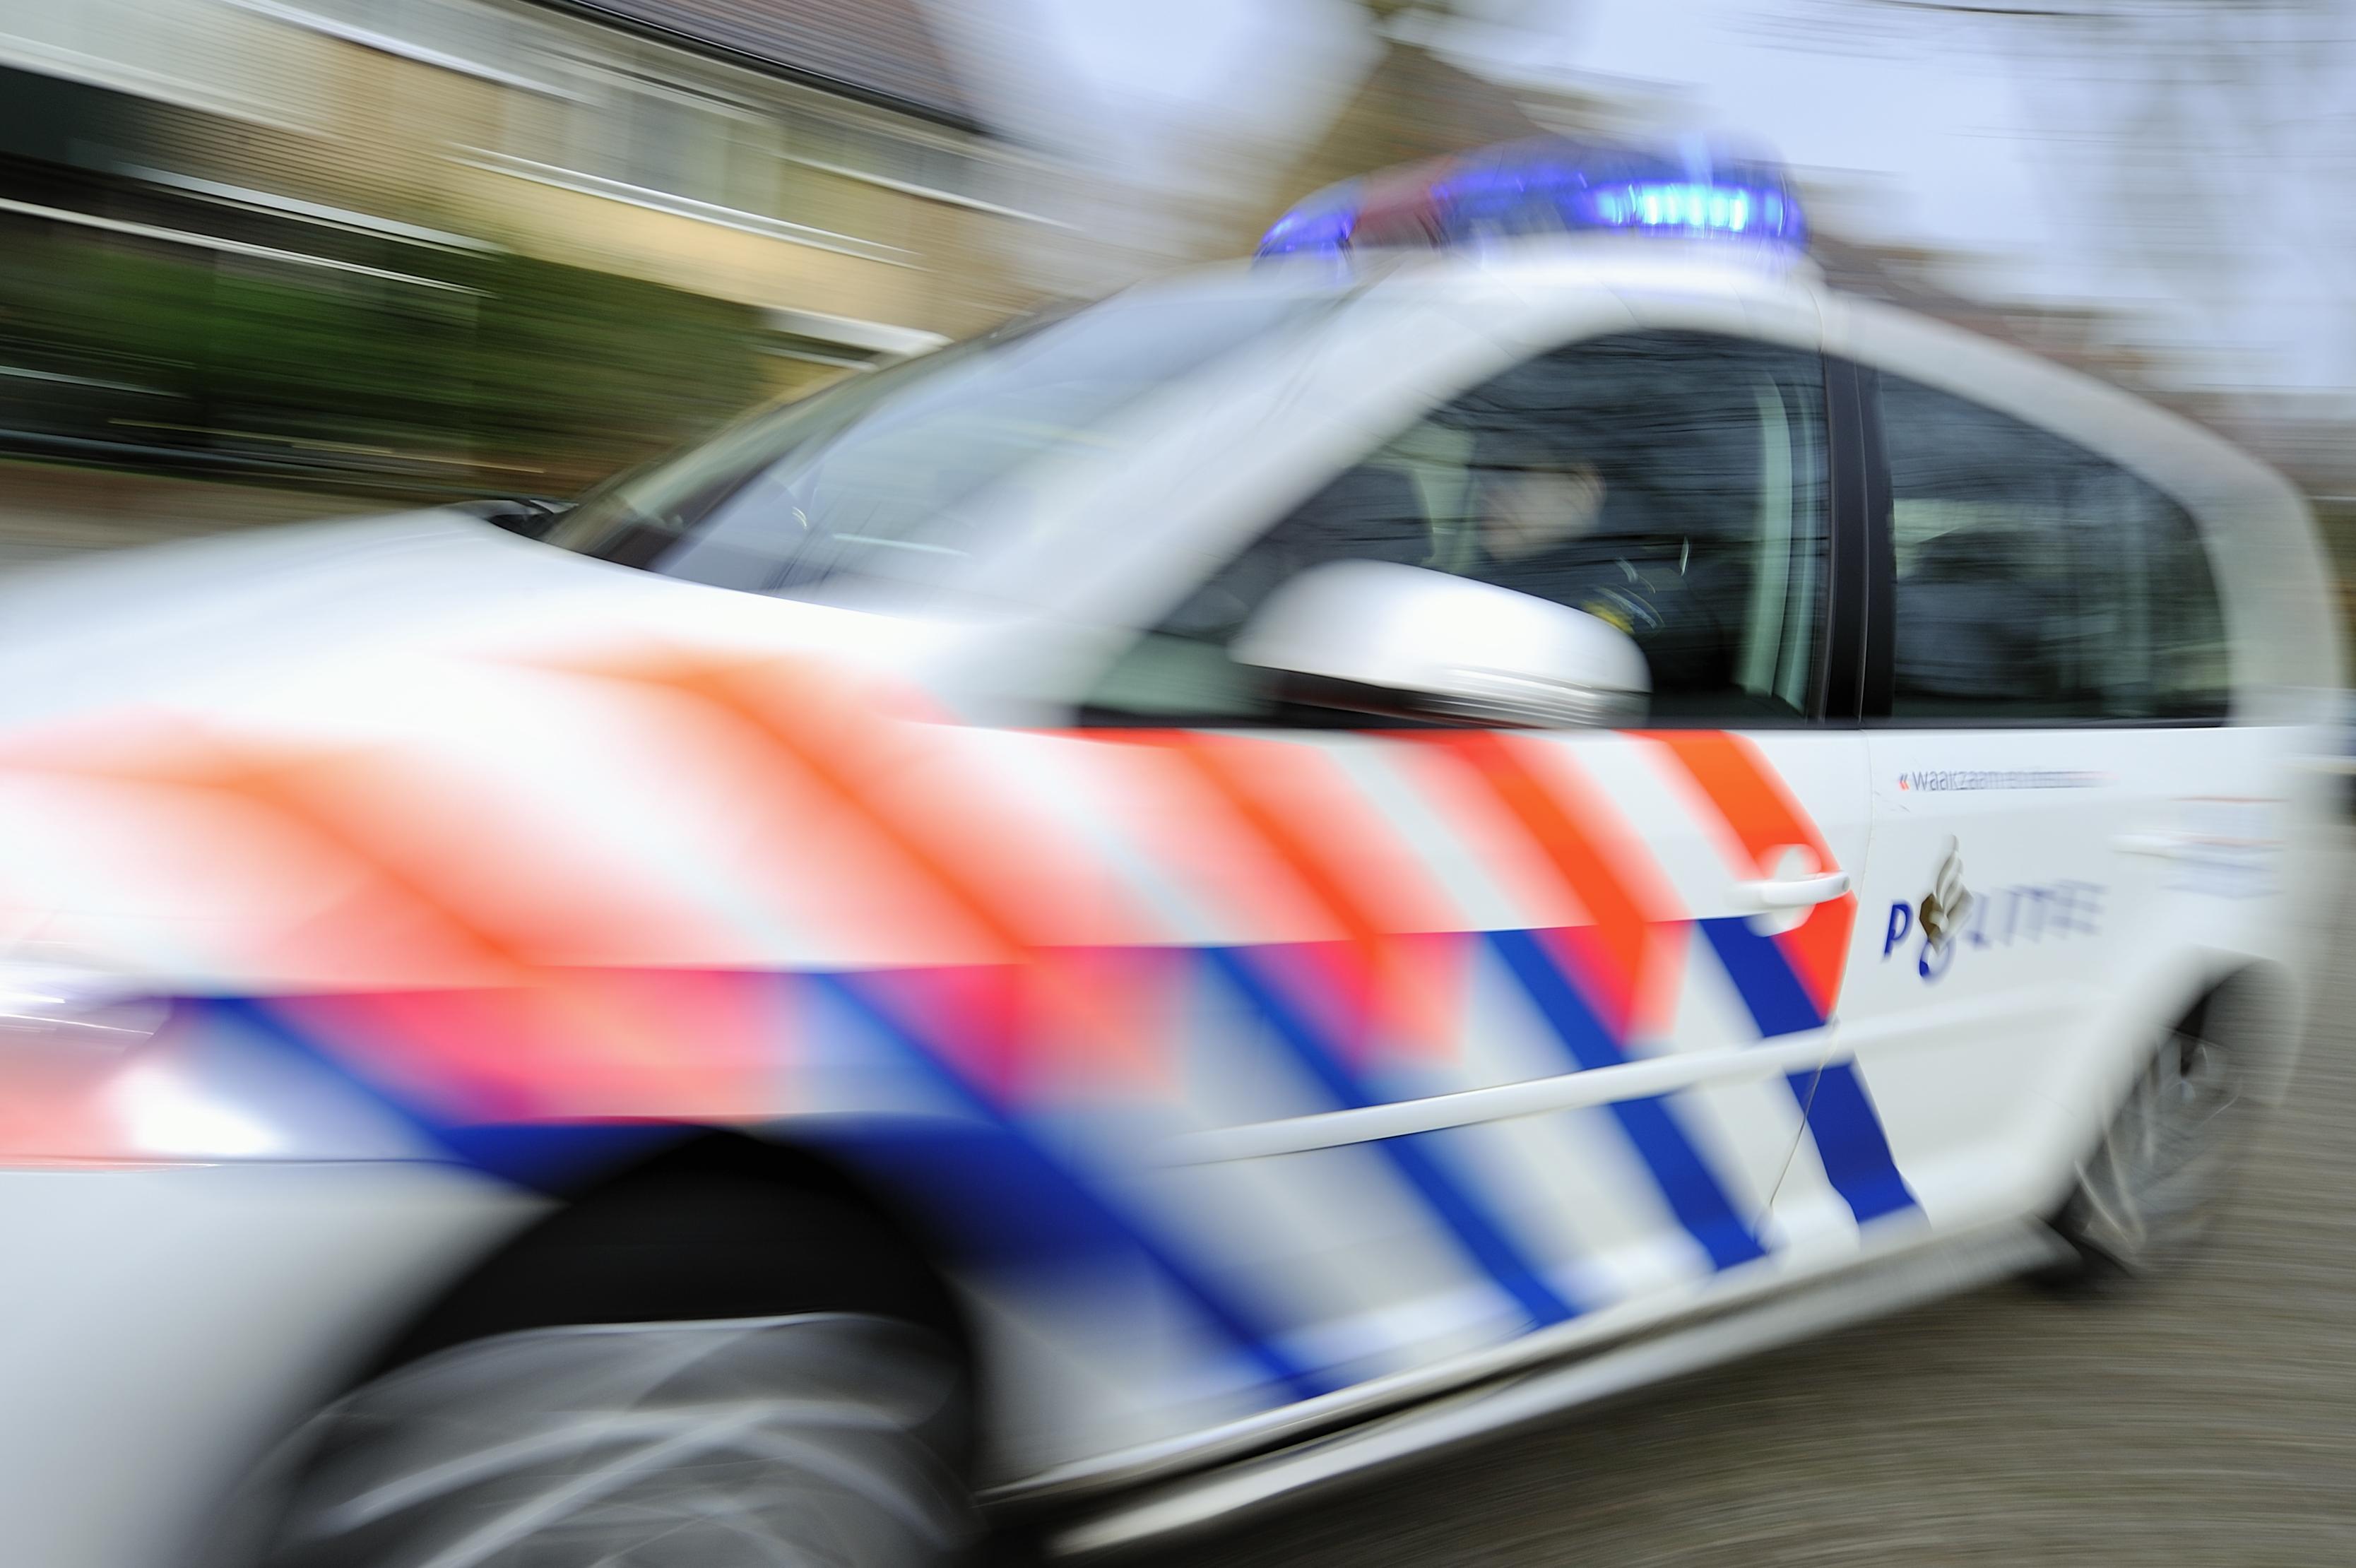 Drie personen aangehouden voor het maken en verkopen van wapens in Bovenkarspel